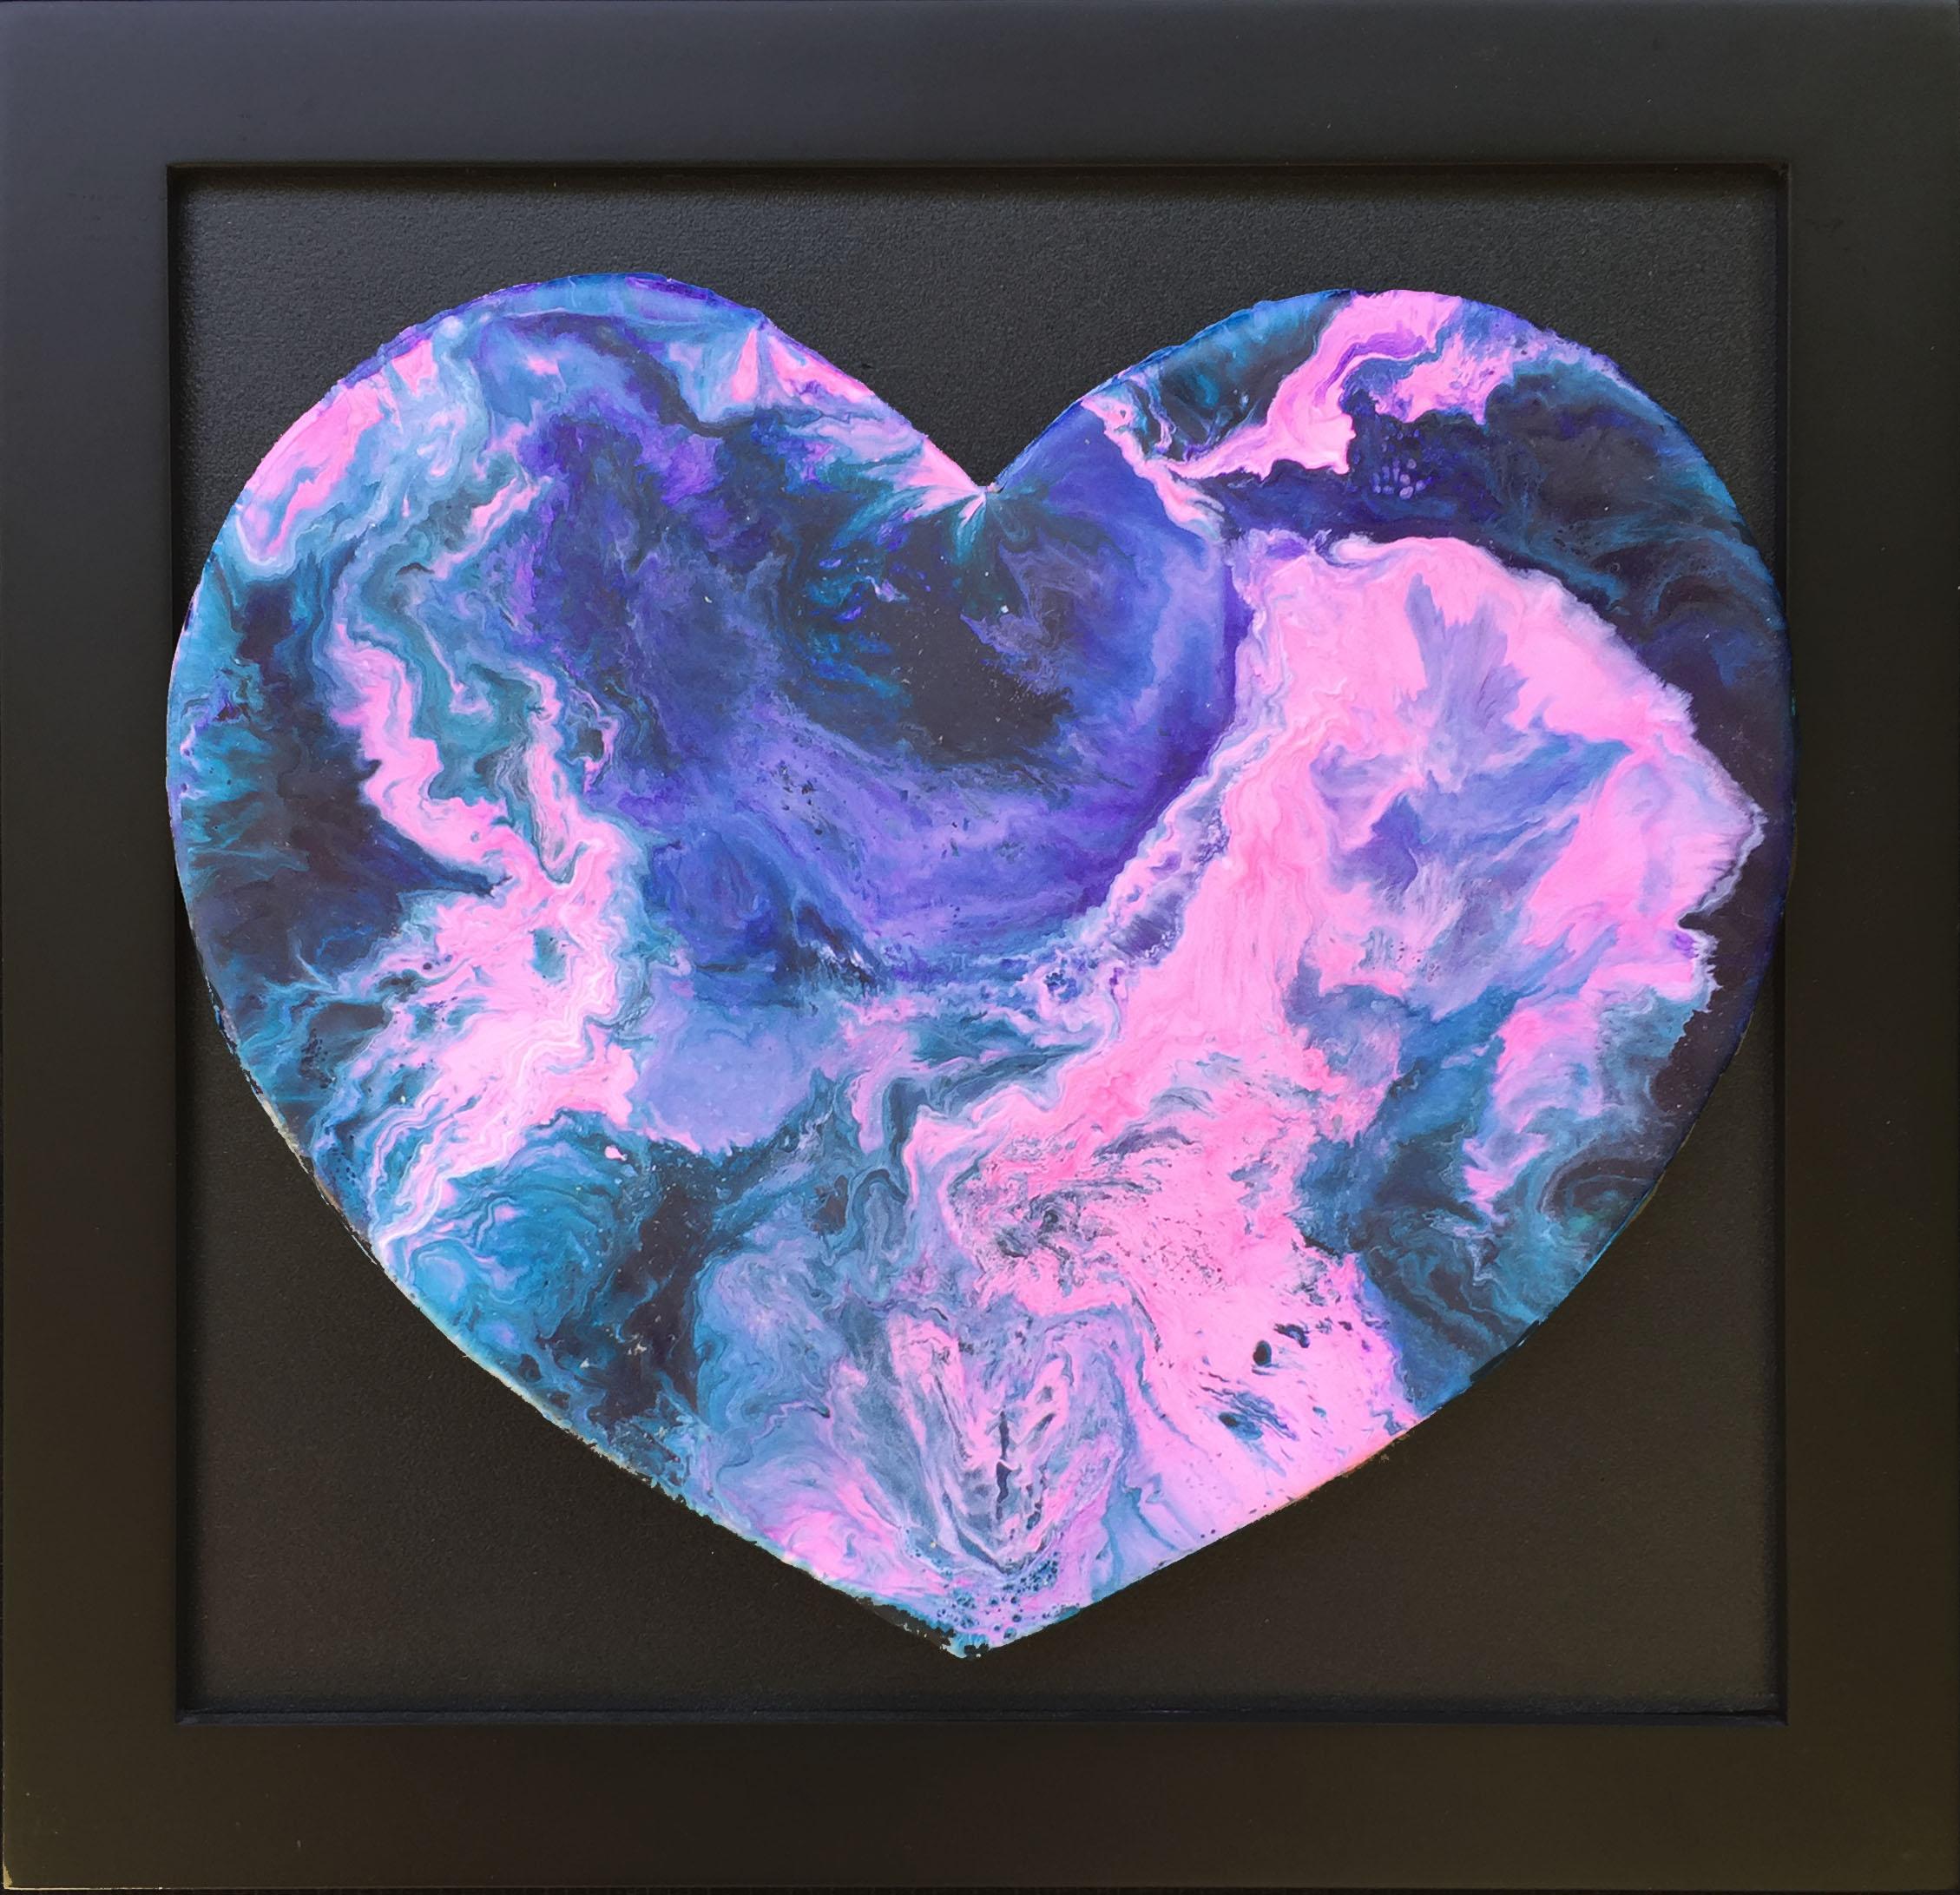 Heart13.jpg